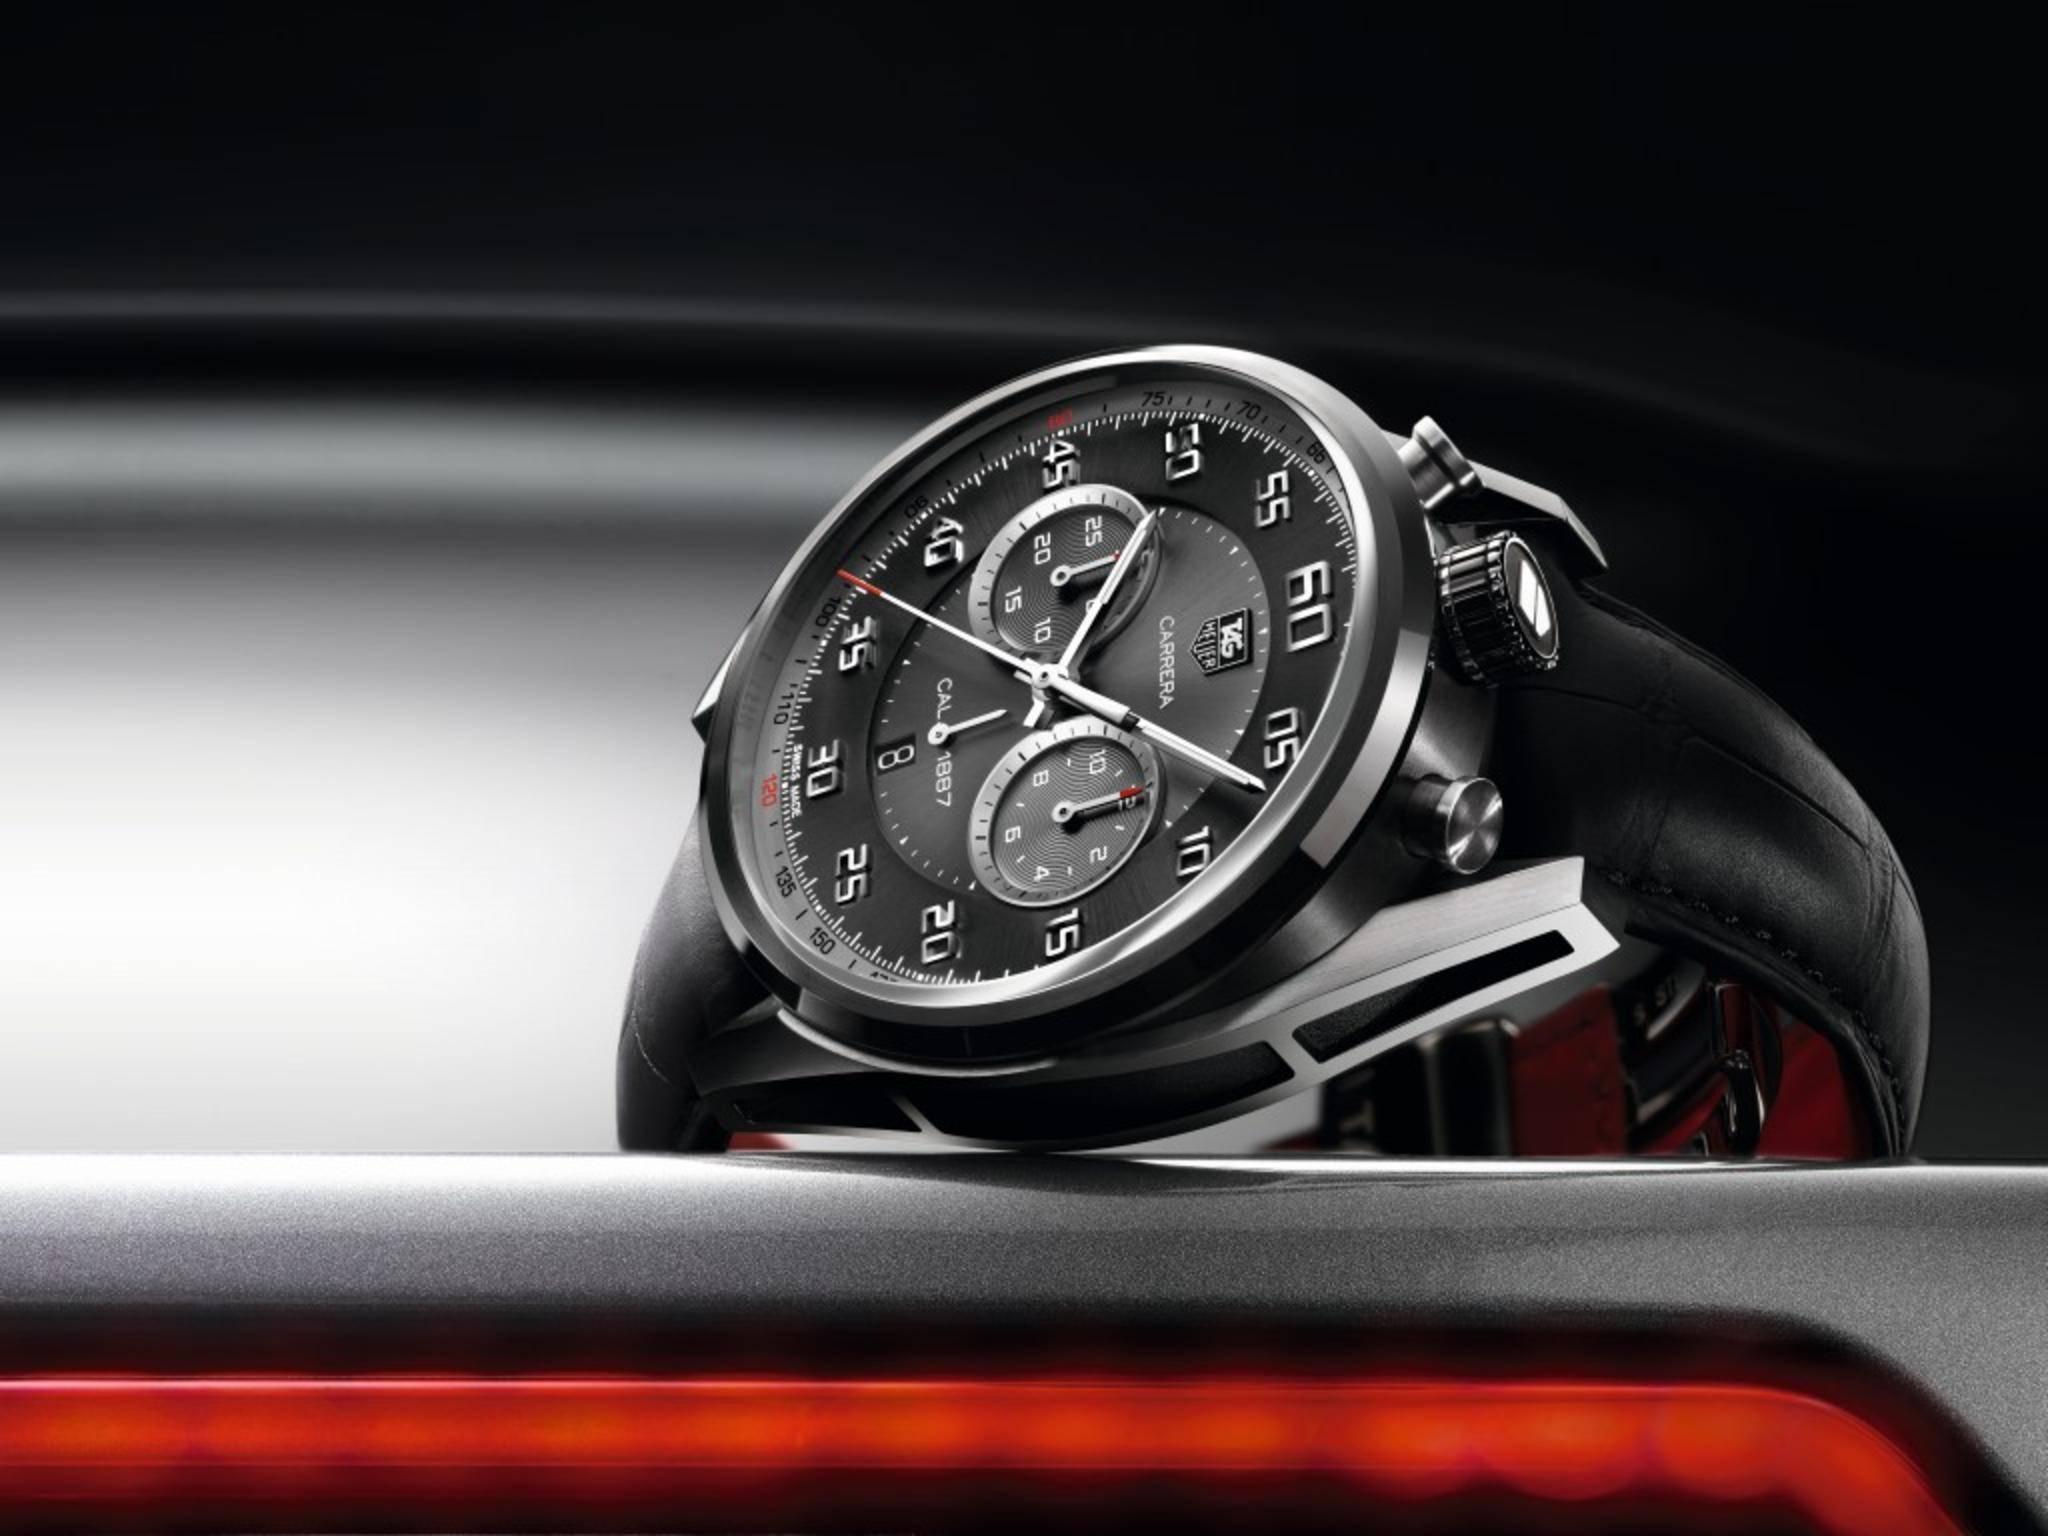 Der Schweizer Uhrenhersteller TAG Heuer könnte auf der CES eine eigene Smartwatch enthüllen.